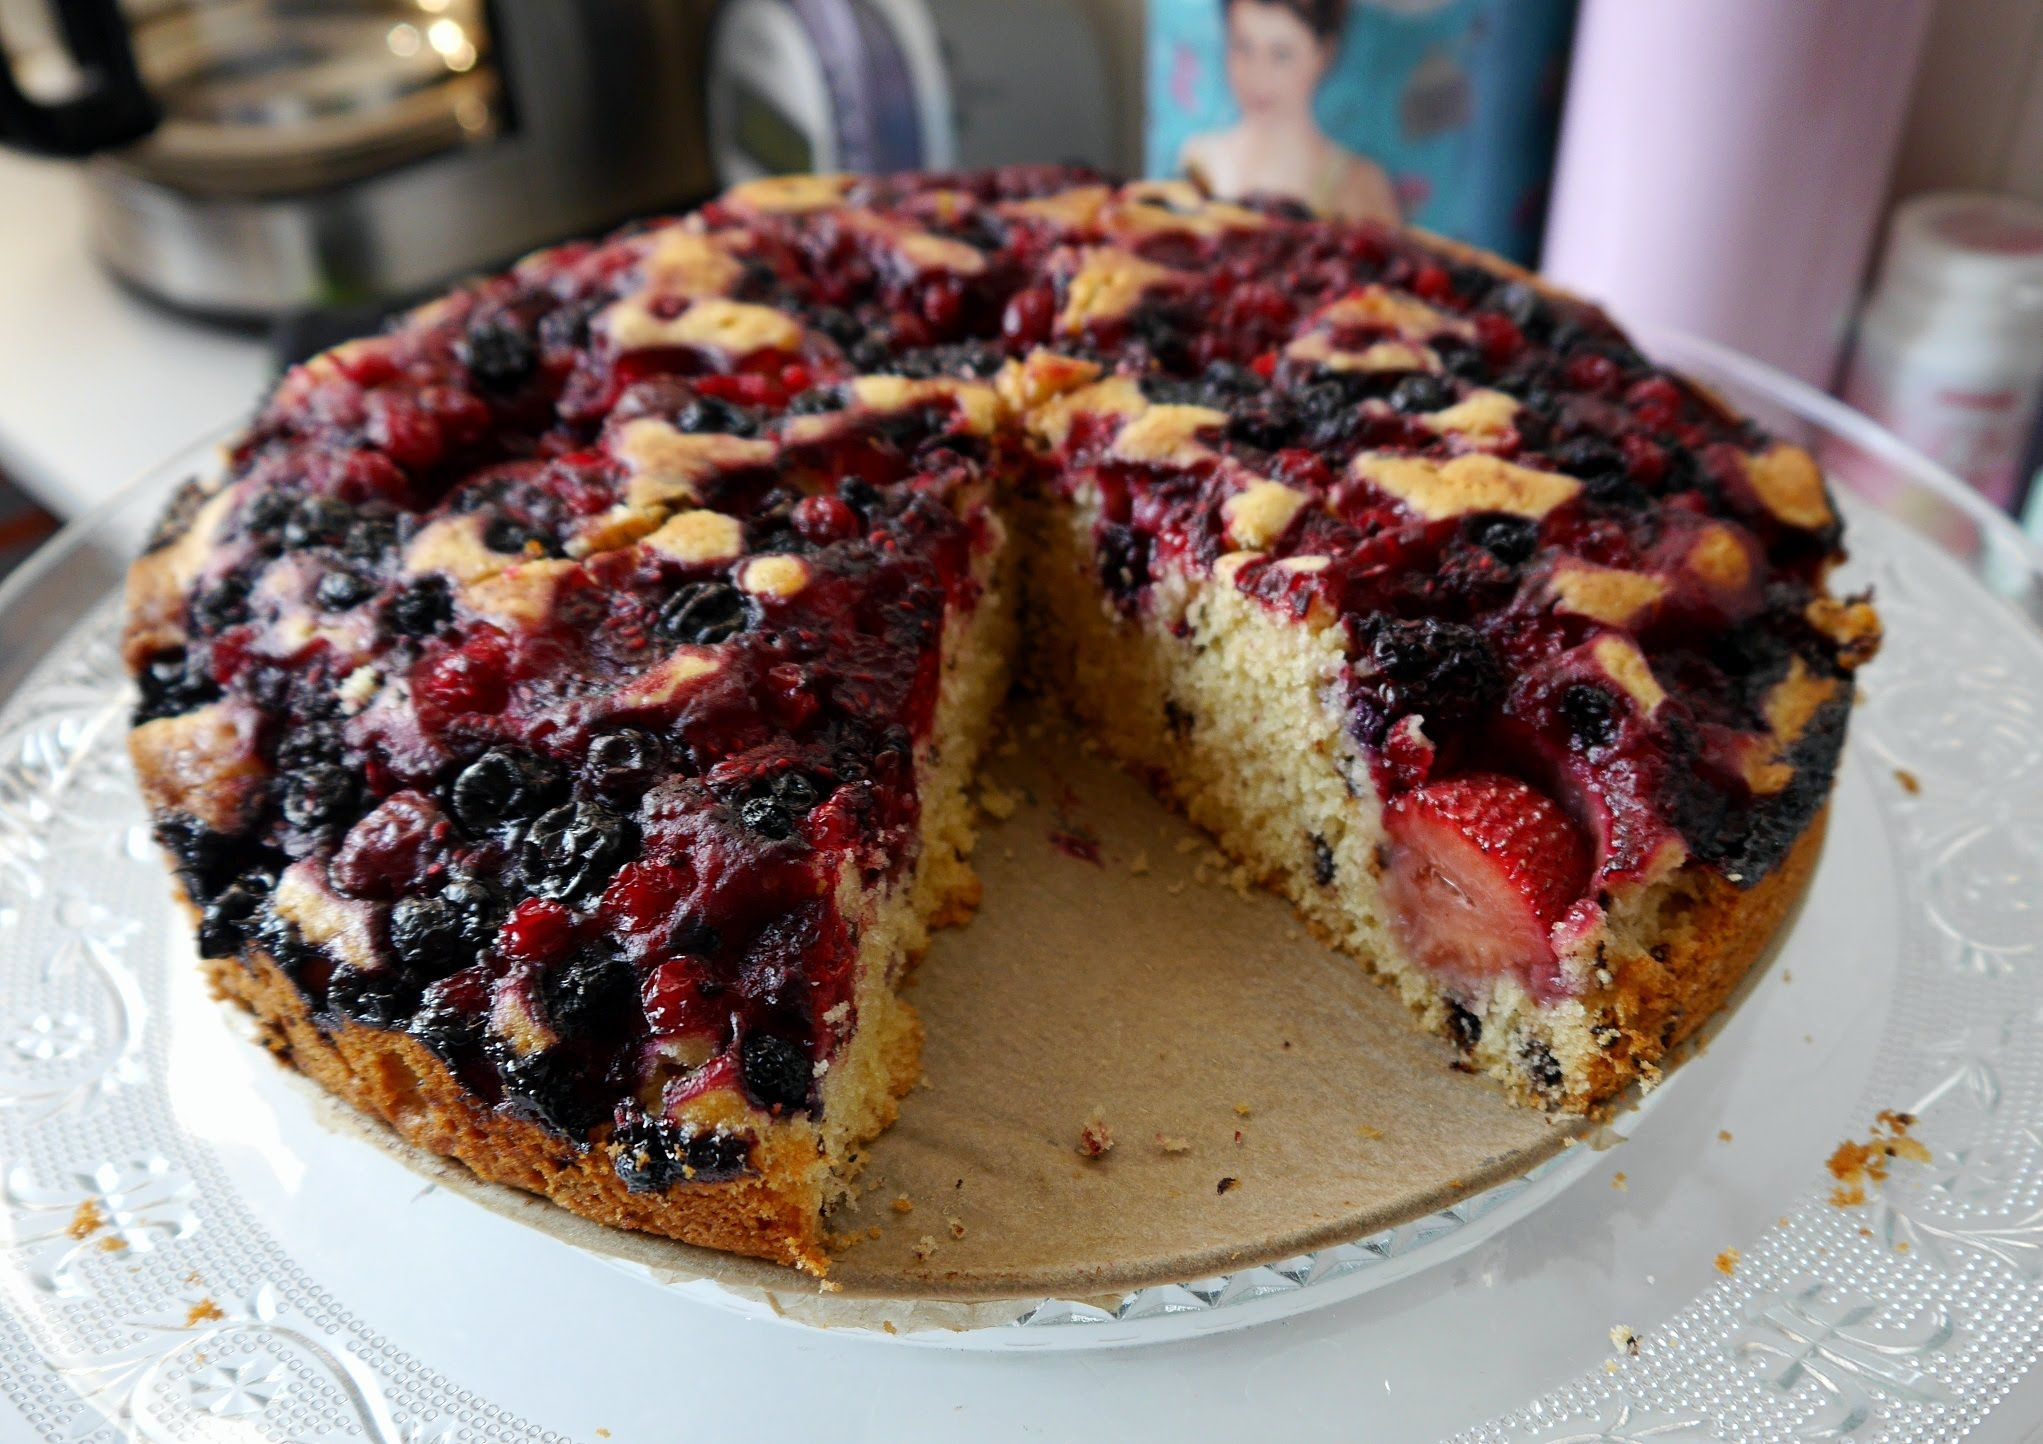 пироги со свежими ягодами рецепты с фото имени жены французского